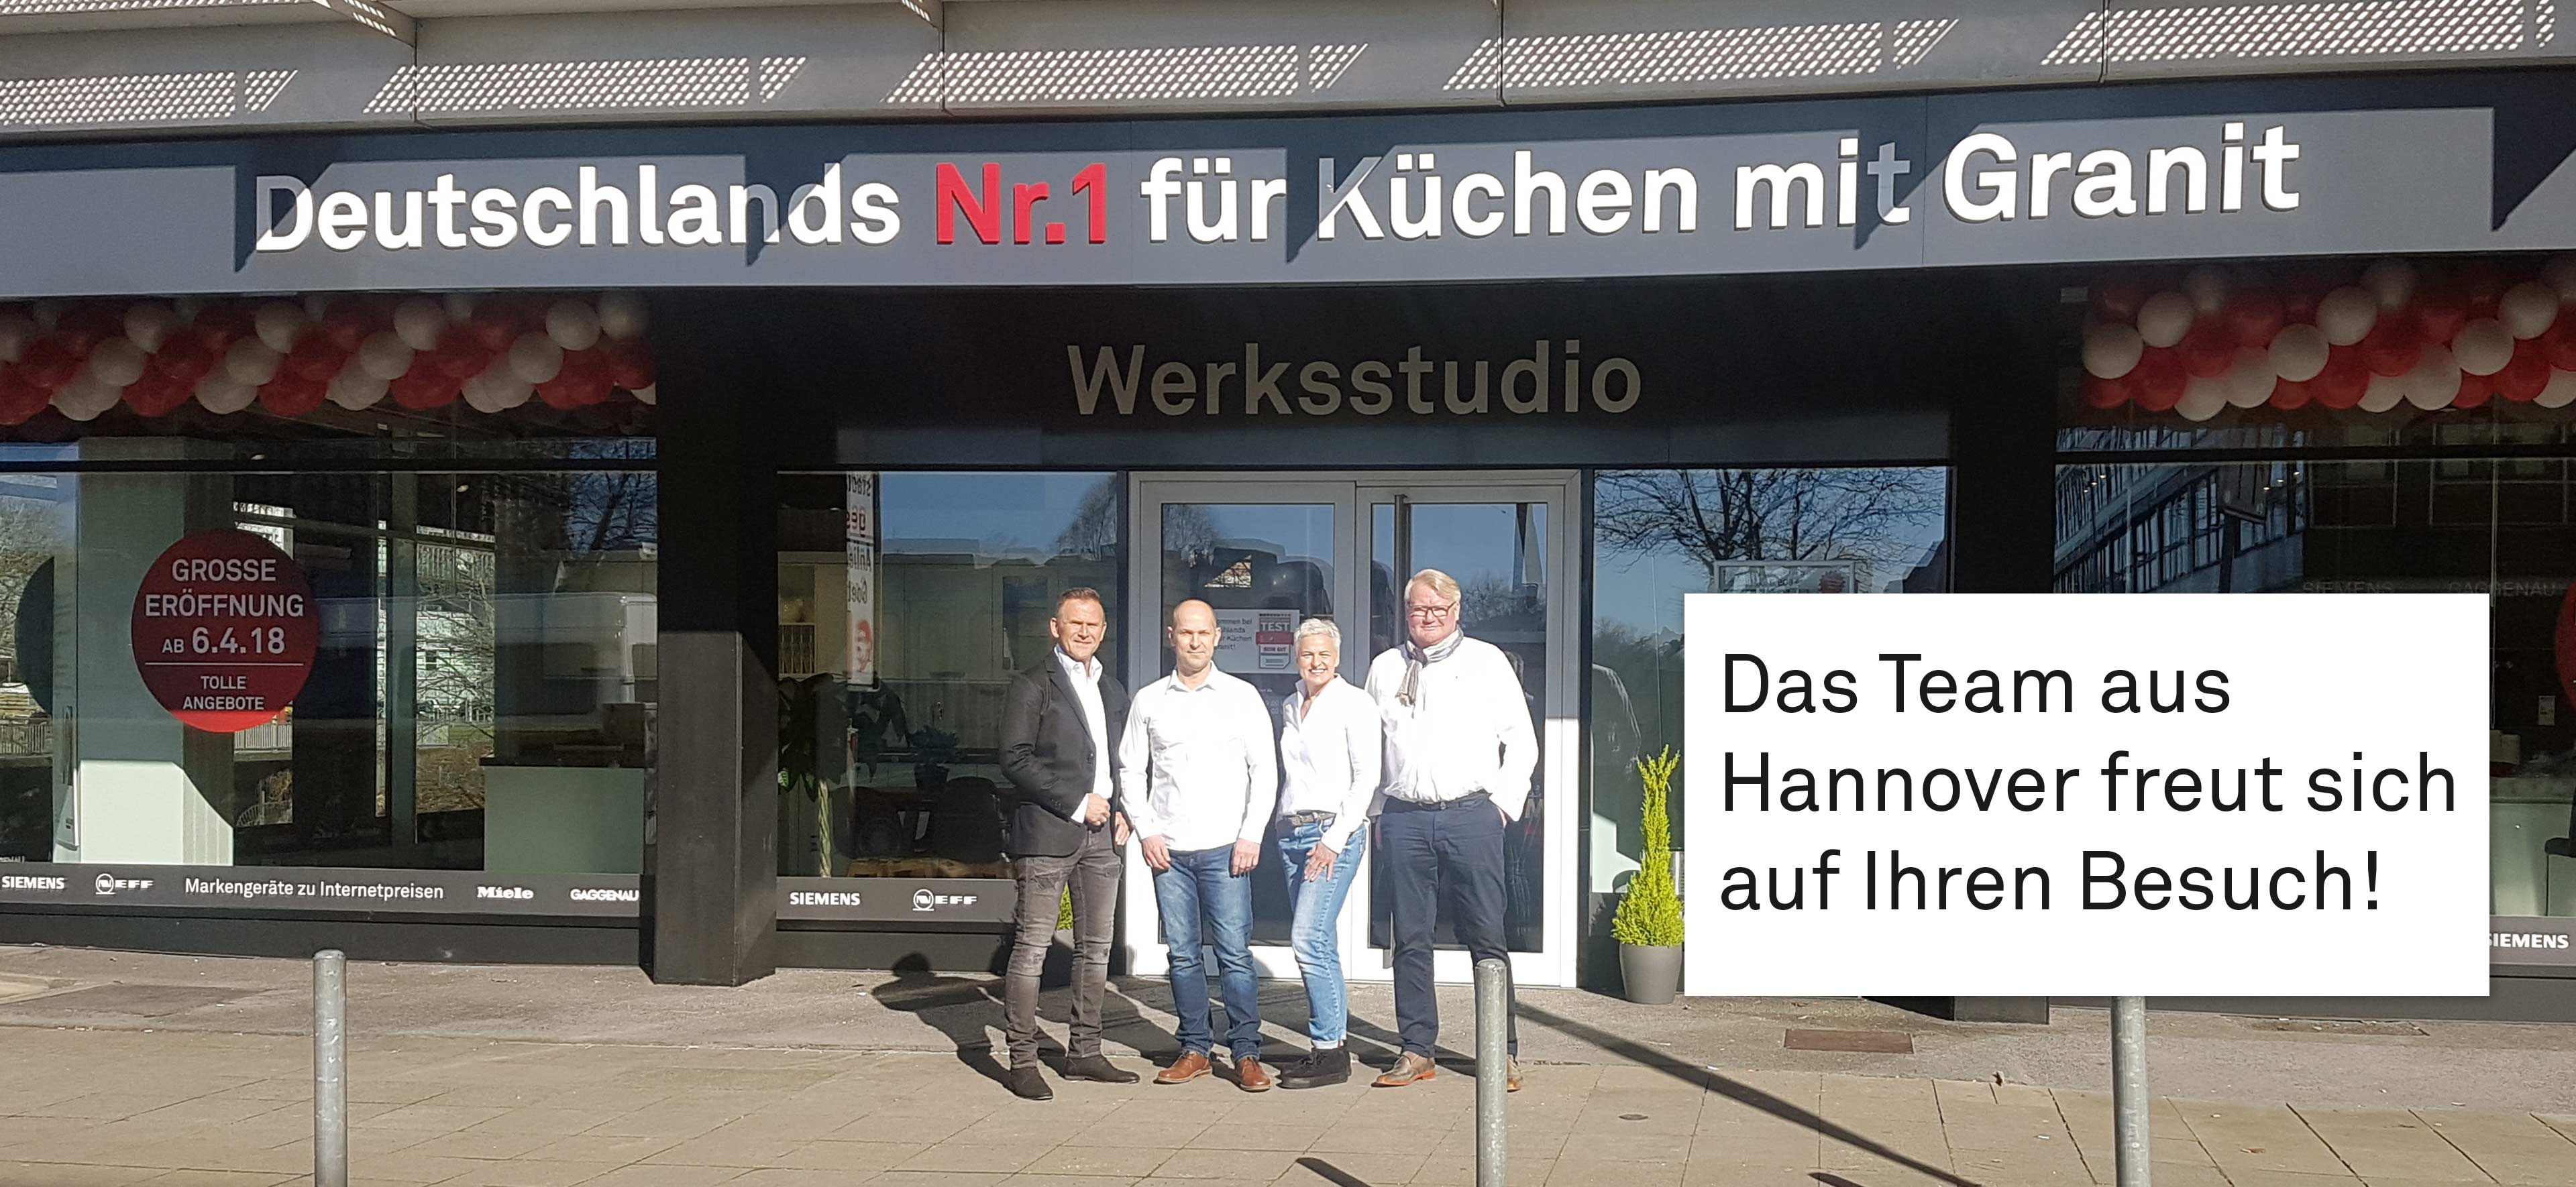 Kuchenstudio Hannover Marquardt Kuchen